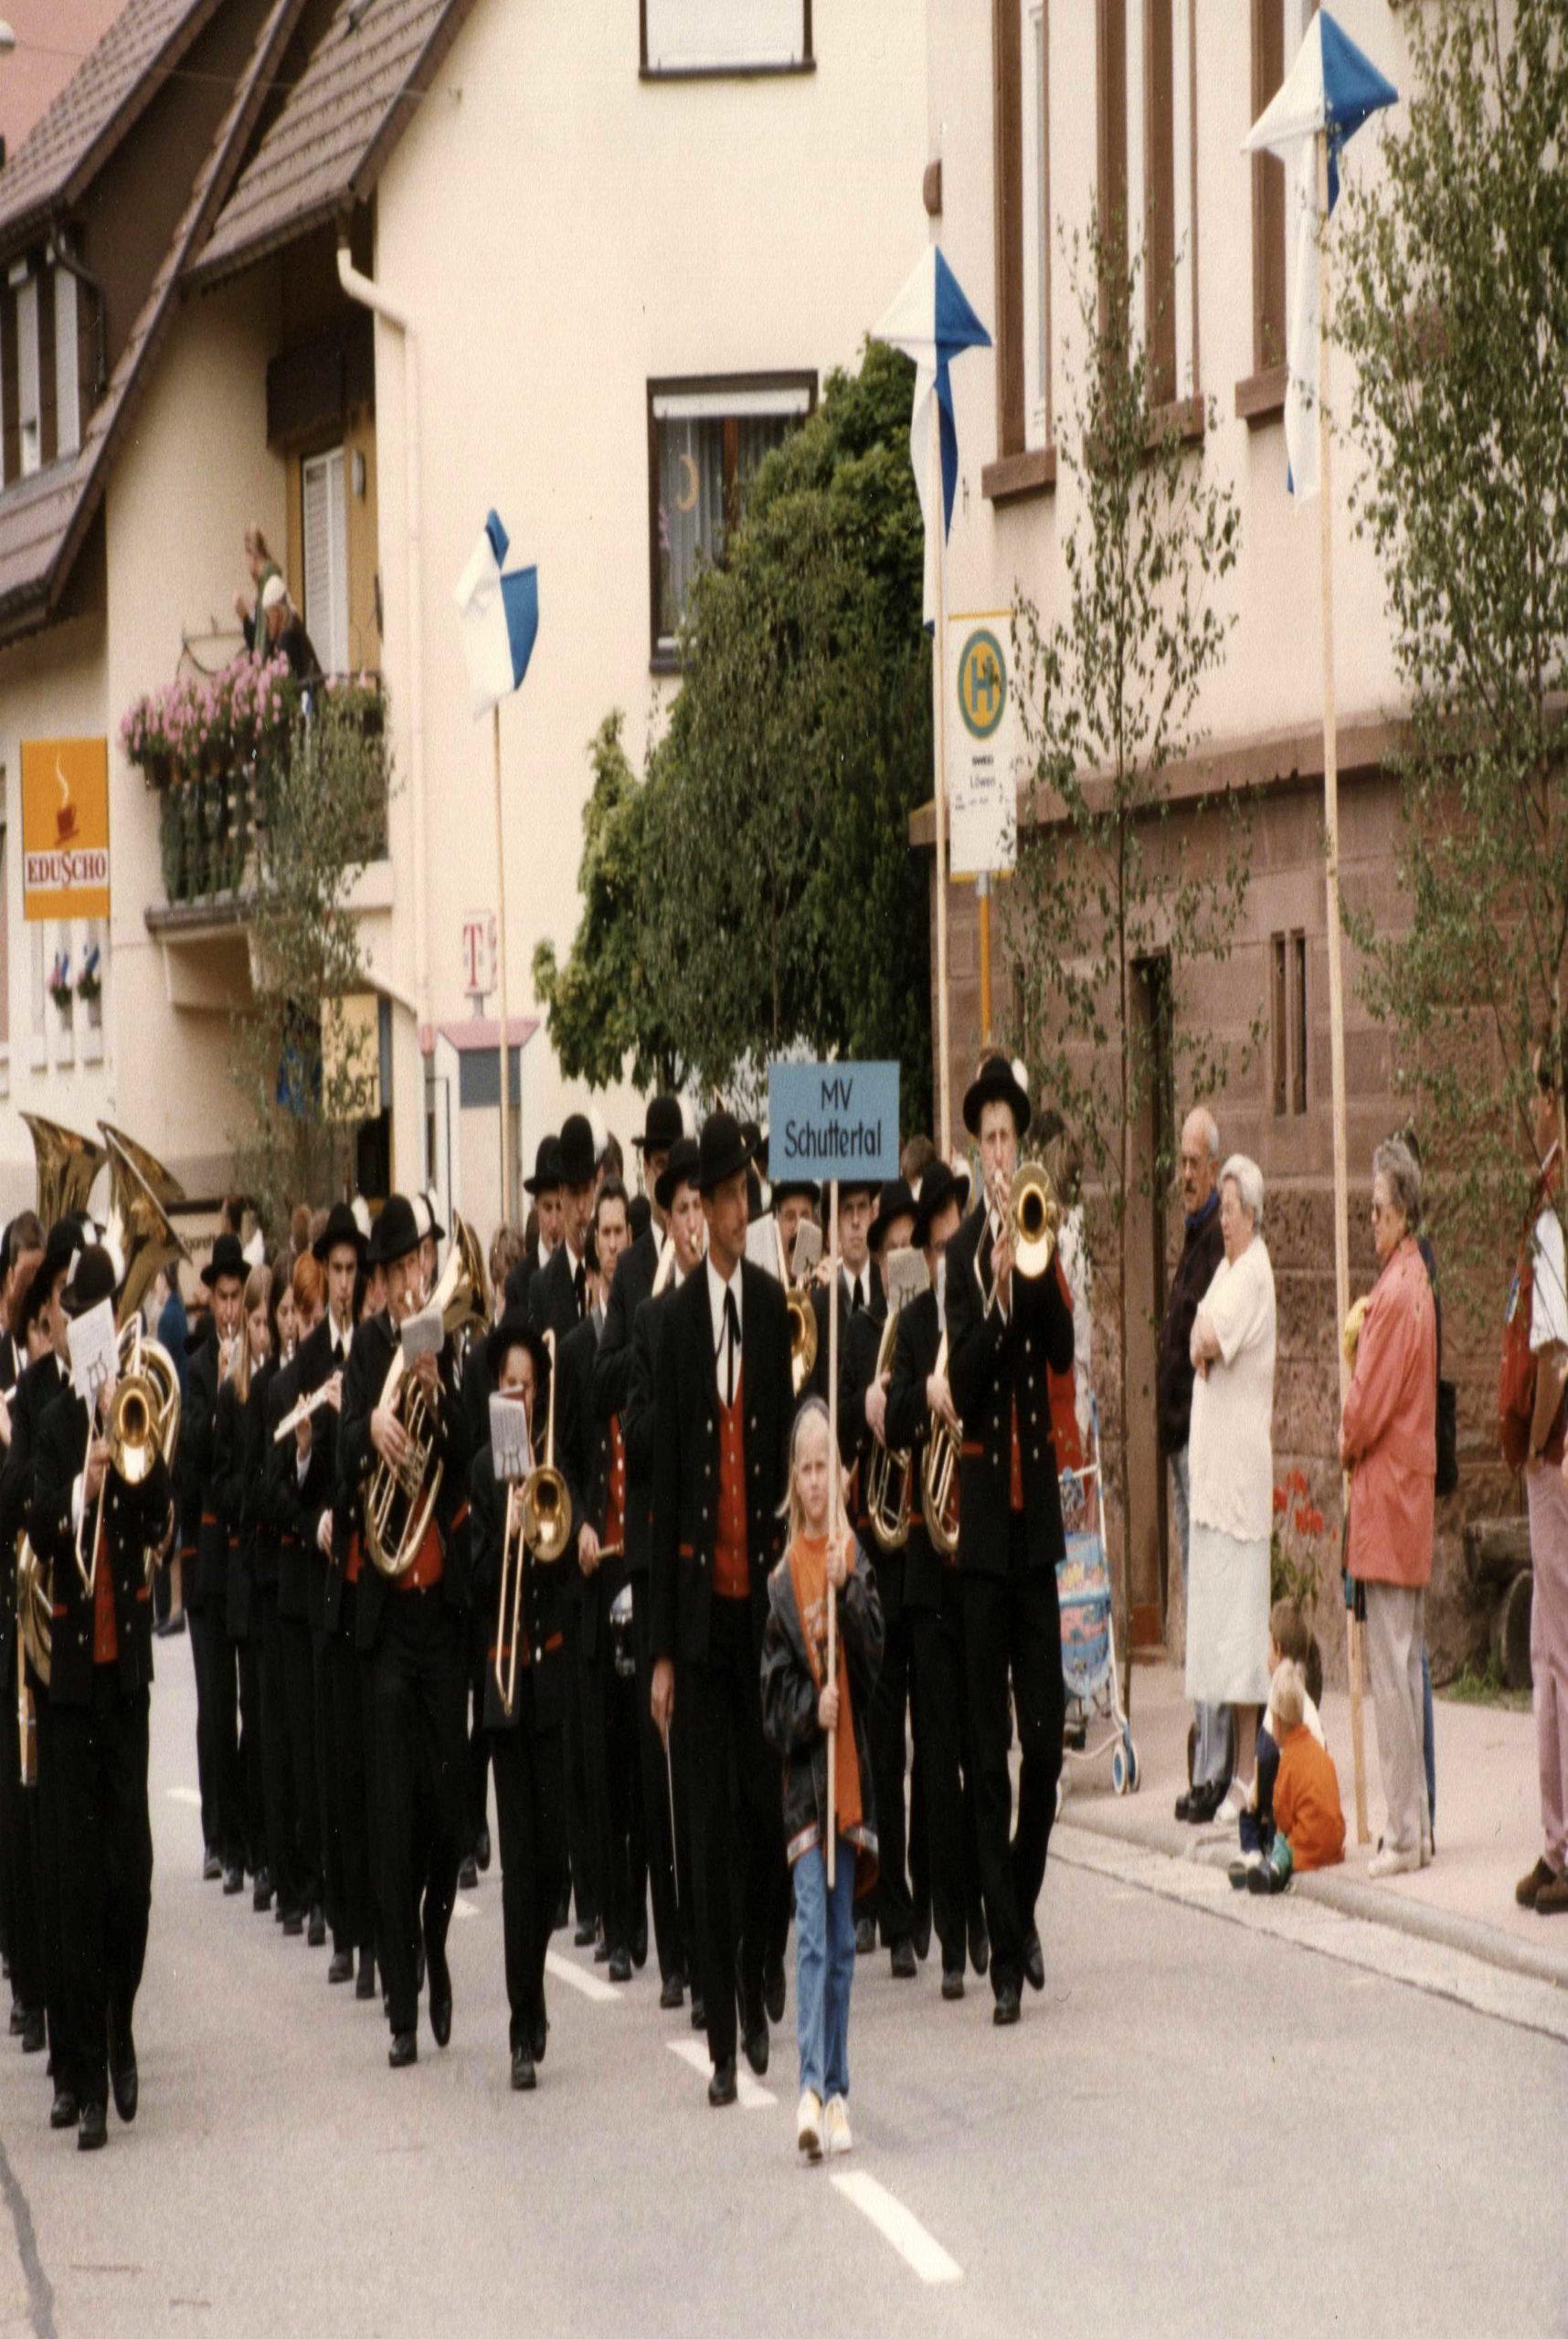 800 90 Jahre Radfahrverein Mai1997 00A sch hoch scaled